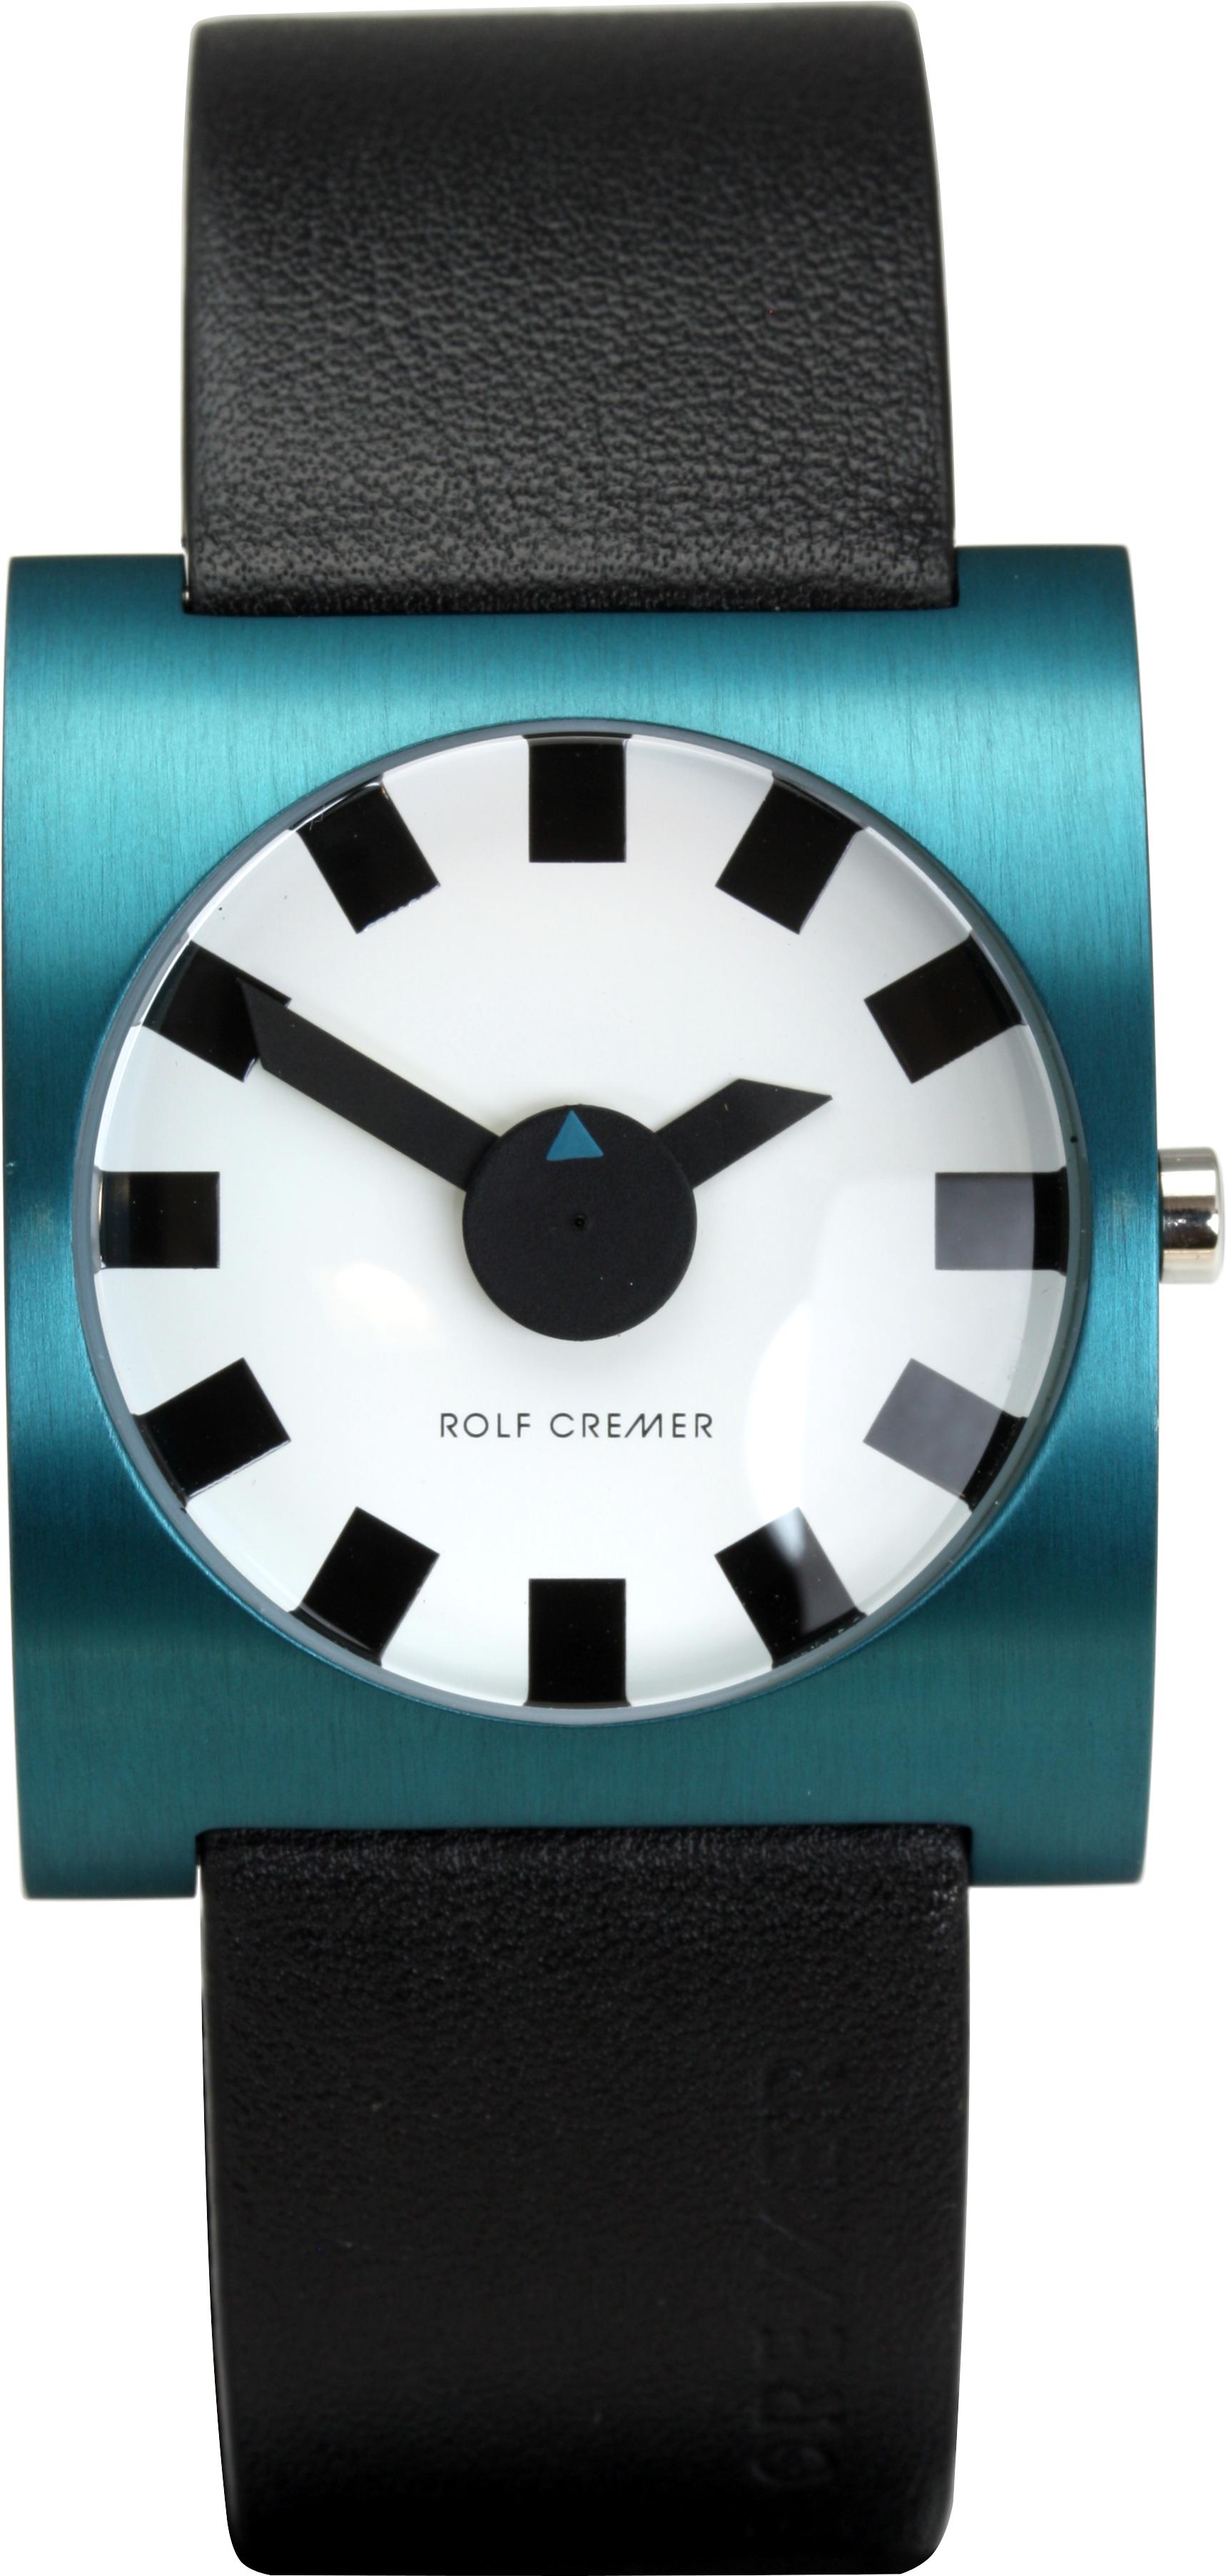 Часы наручные Rolf Cremer Alu Black BlueЧасы Rolf Cremer. Производитель: Rolf Cremer, Германия. Механизм: Кварцевый Miyota 2035 (Япония). Корпус: Нержавеющая сталь. Размер циферблата: 3,8/3,2/1,2 см. Материал ремешка: Натуральная кожа. Размер ремешка: 20/2,2 см. Стекло: Минеральное. Водонепроницаемость: 3 АТМ. Избегать контакта с горячей водой и паром. Гарантия 1 год.<br><br>Цвет: черный<br>Механизм: кварцевый<br>Материал корпуса: нержавеющая сталь<br>Ремешок: натуральная кожа<br>Форма корпуса: Квадрат<br>Пол: унисекс